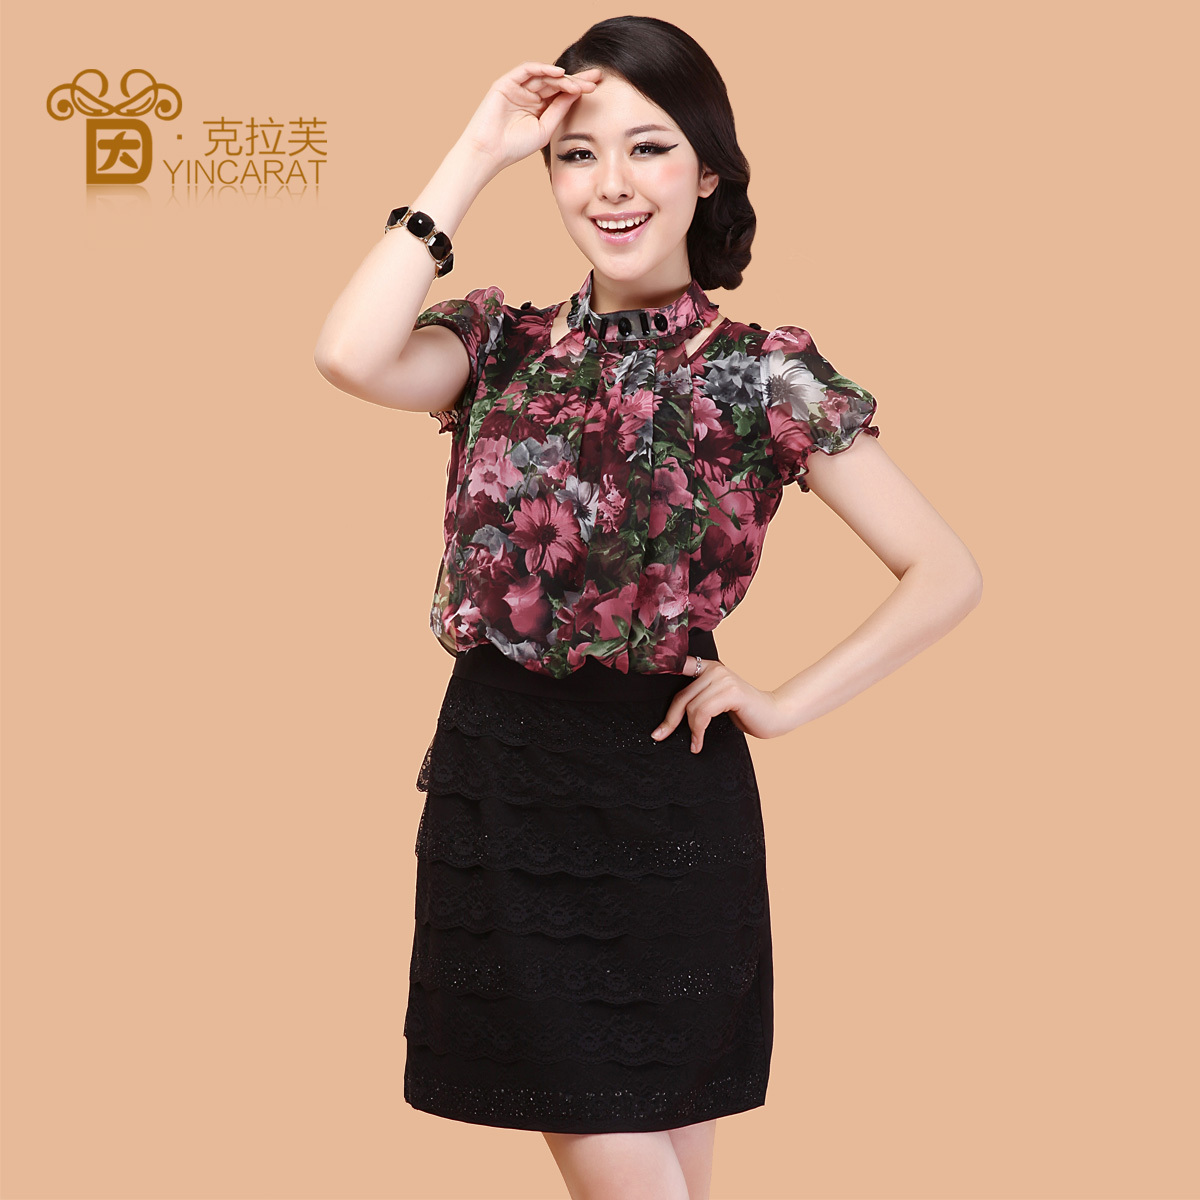 2012夏装修身大码雪纺衫蕾丝连衣裙子夏季新款女装3686茵克拉芙_价格:356元